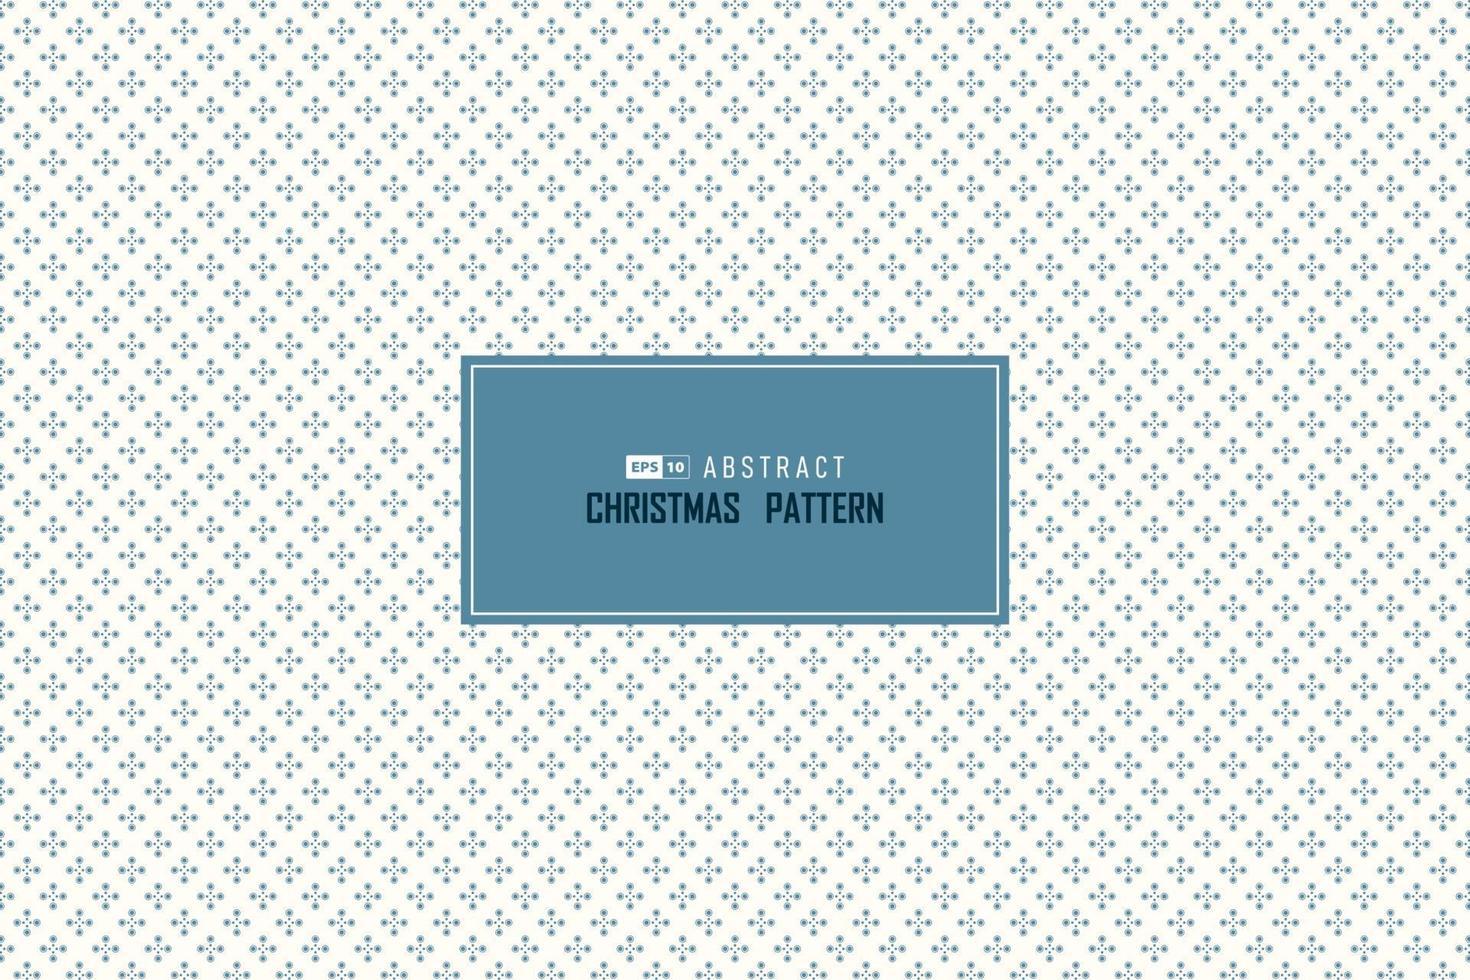 astratto blu natale neve che cade cerchio modello design senza soluzione di continuità sfondo minimo decorazione. illustrazione vettoriale